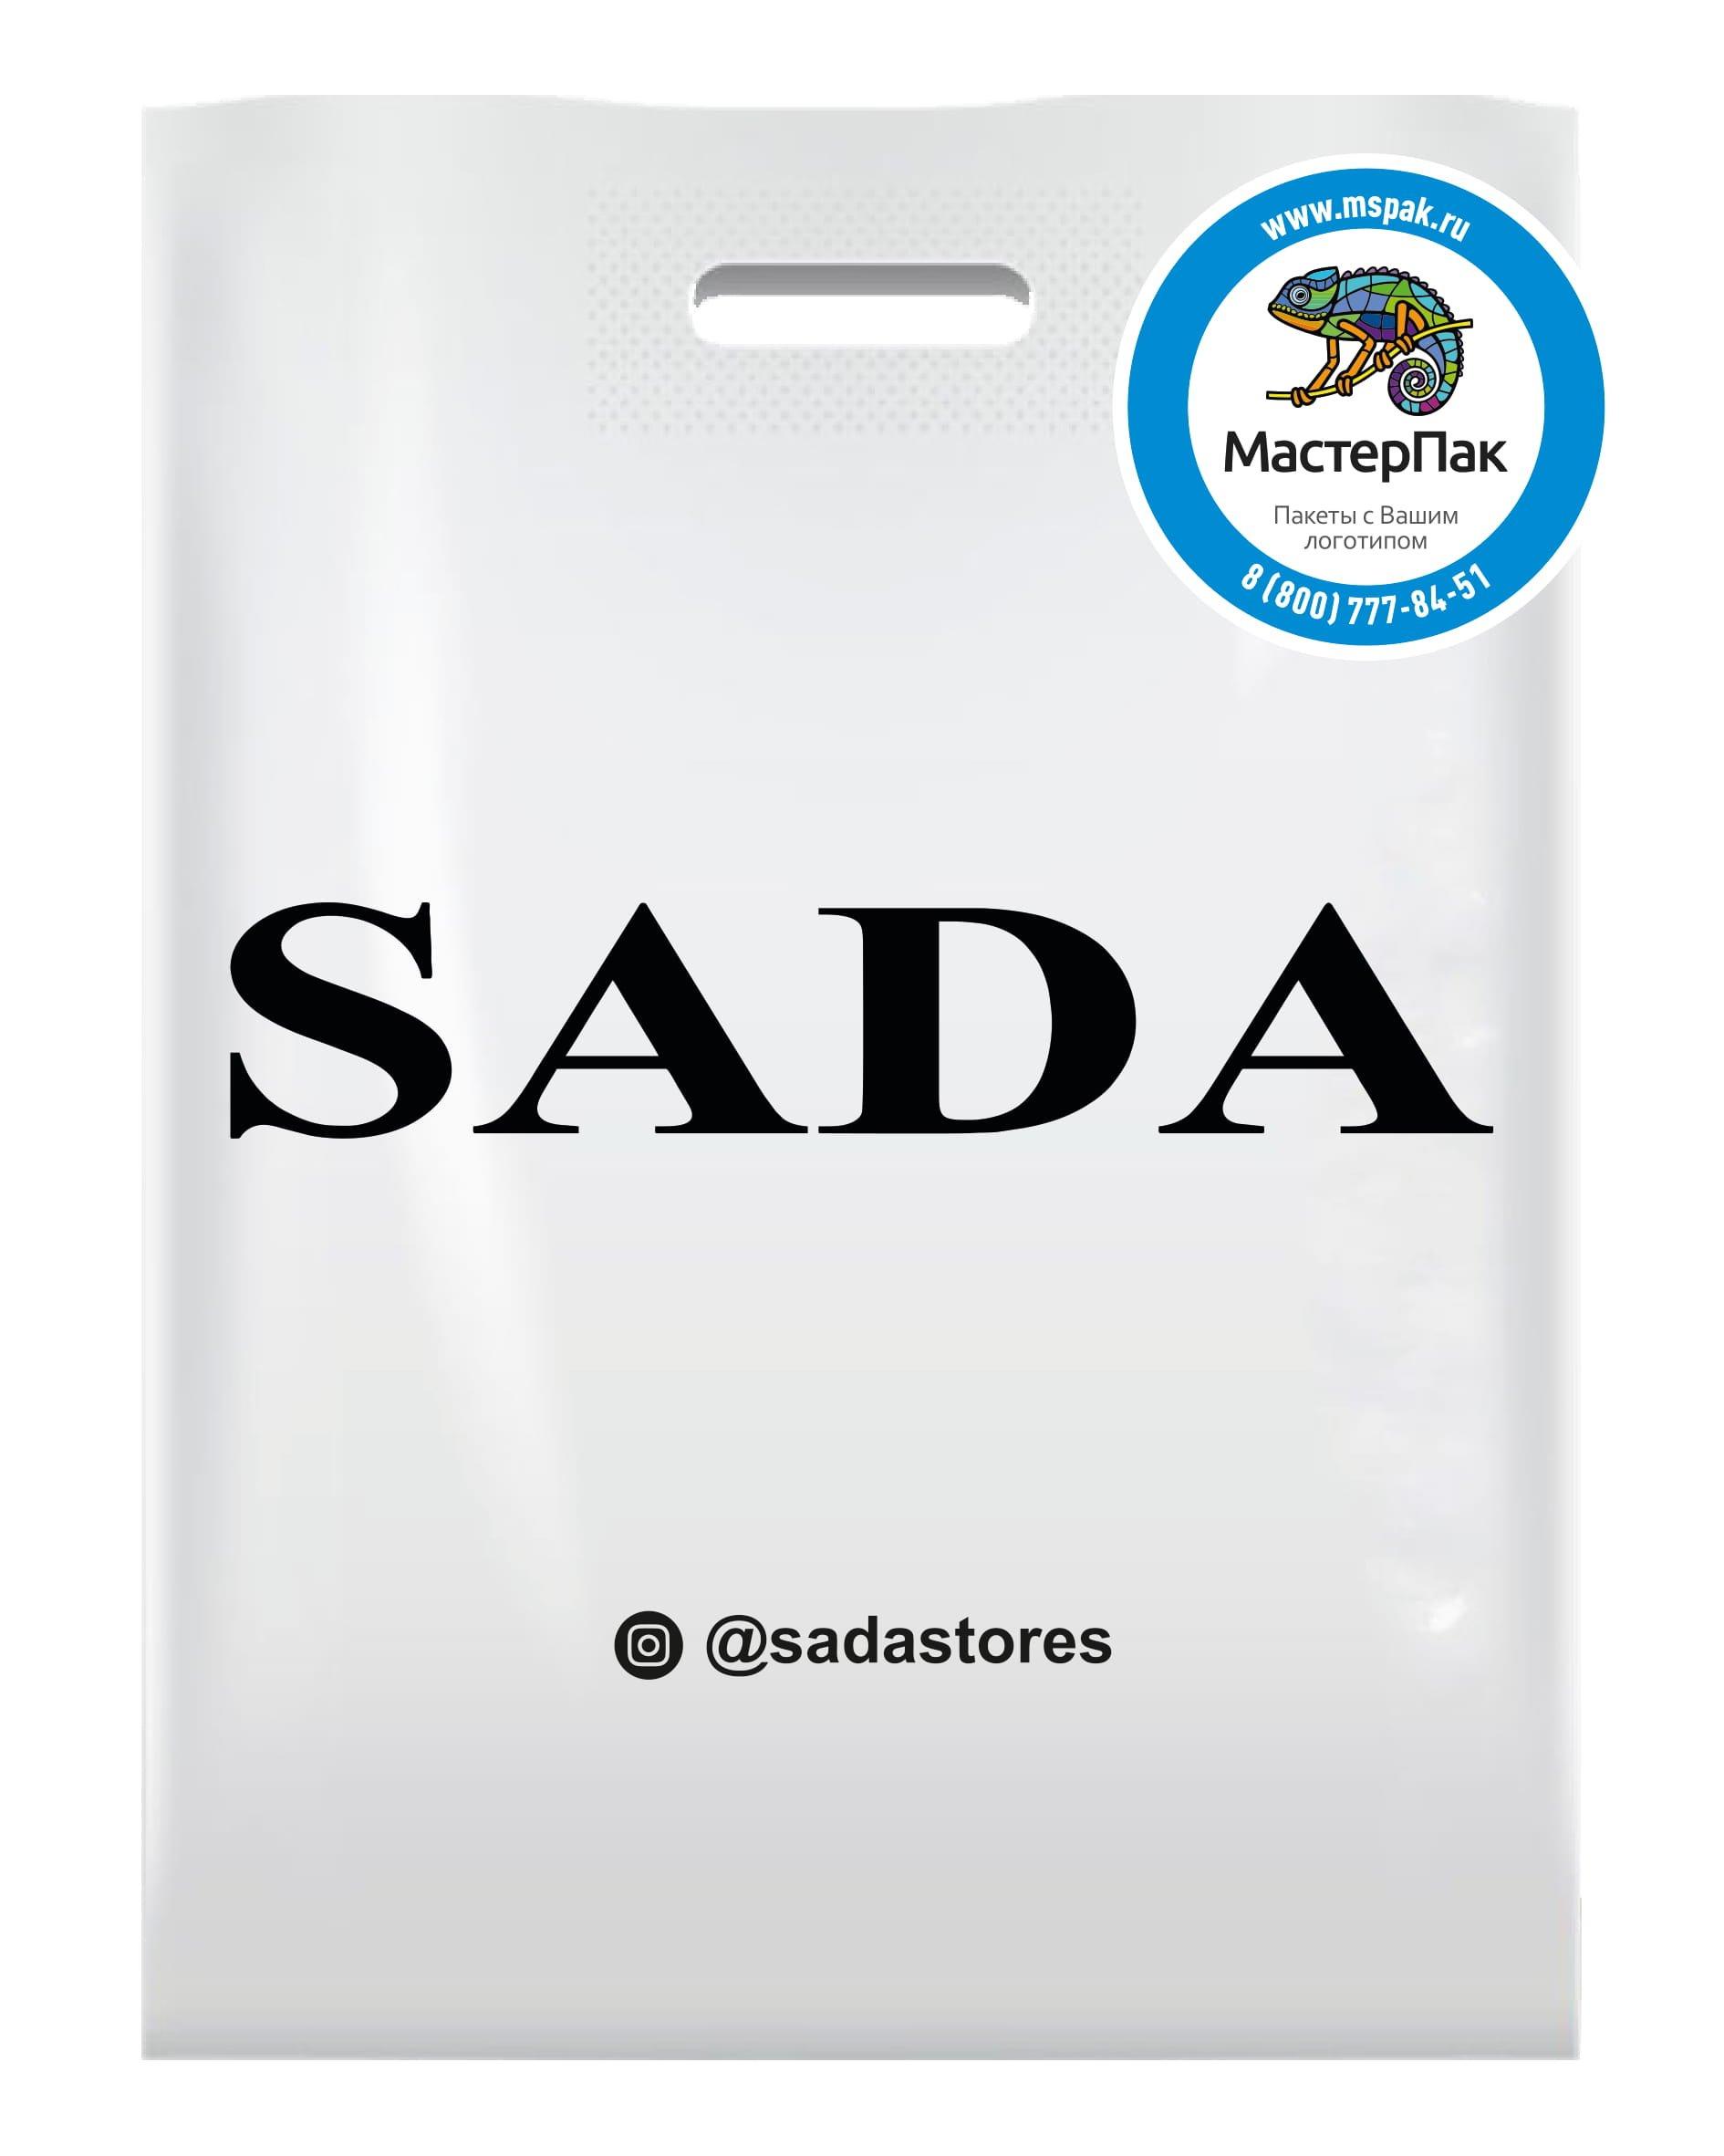 Пакет ПВД с логотипом магазина Sada, Сургут, 70 мкм, 38*50, вырубная ручка